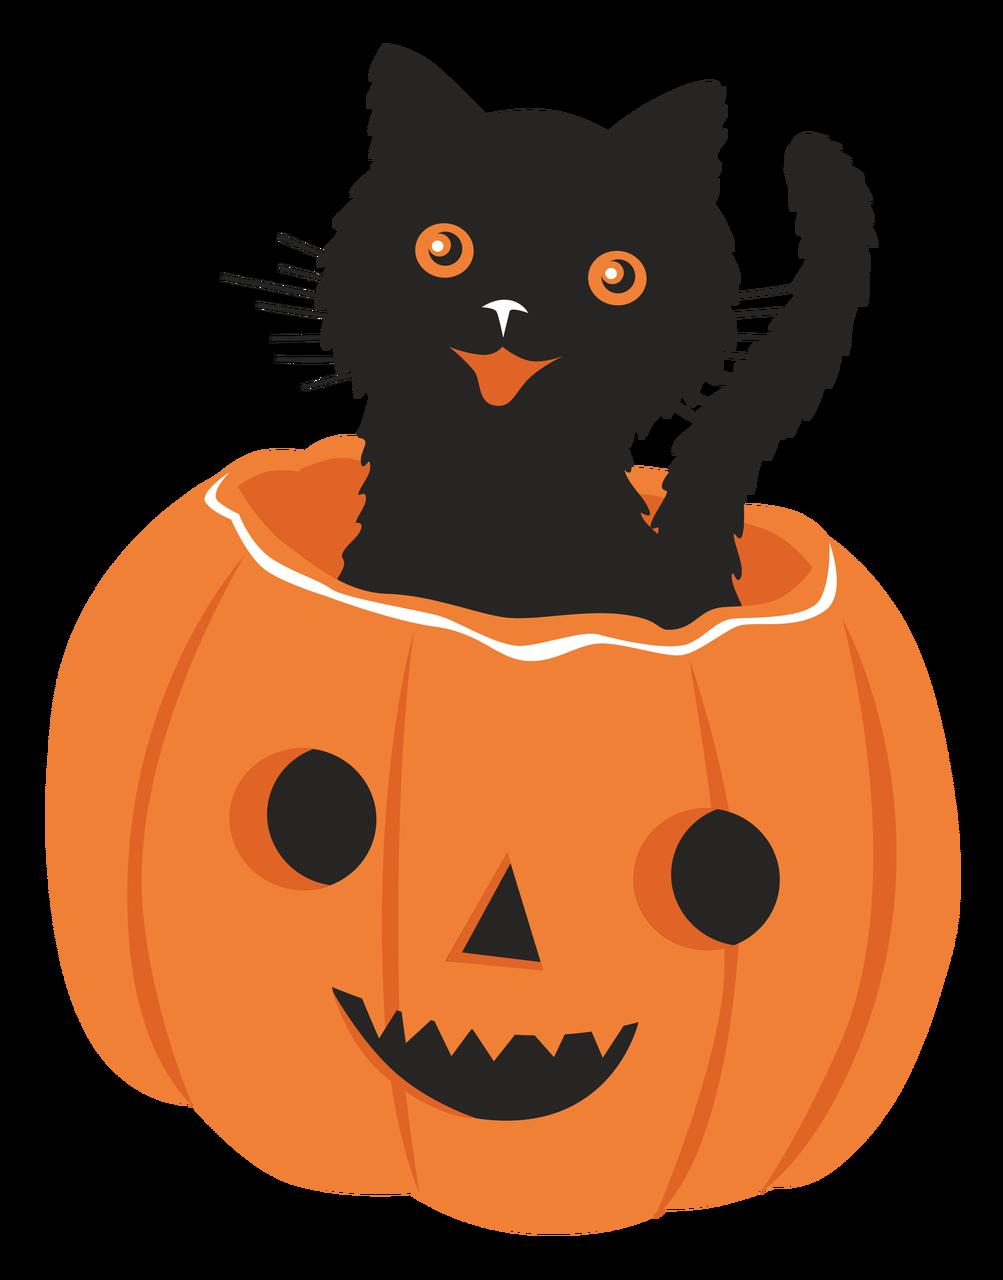 Cat In Pumpkin Print & Cut File